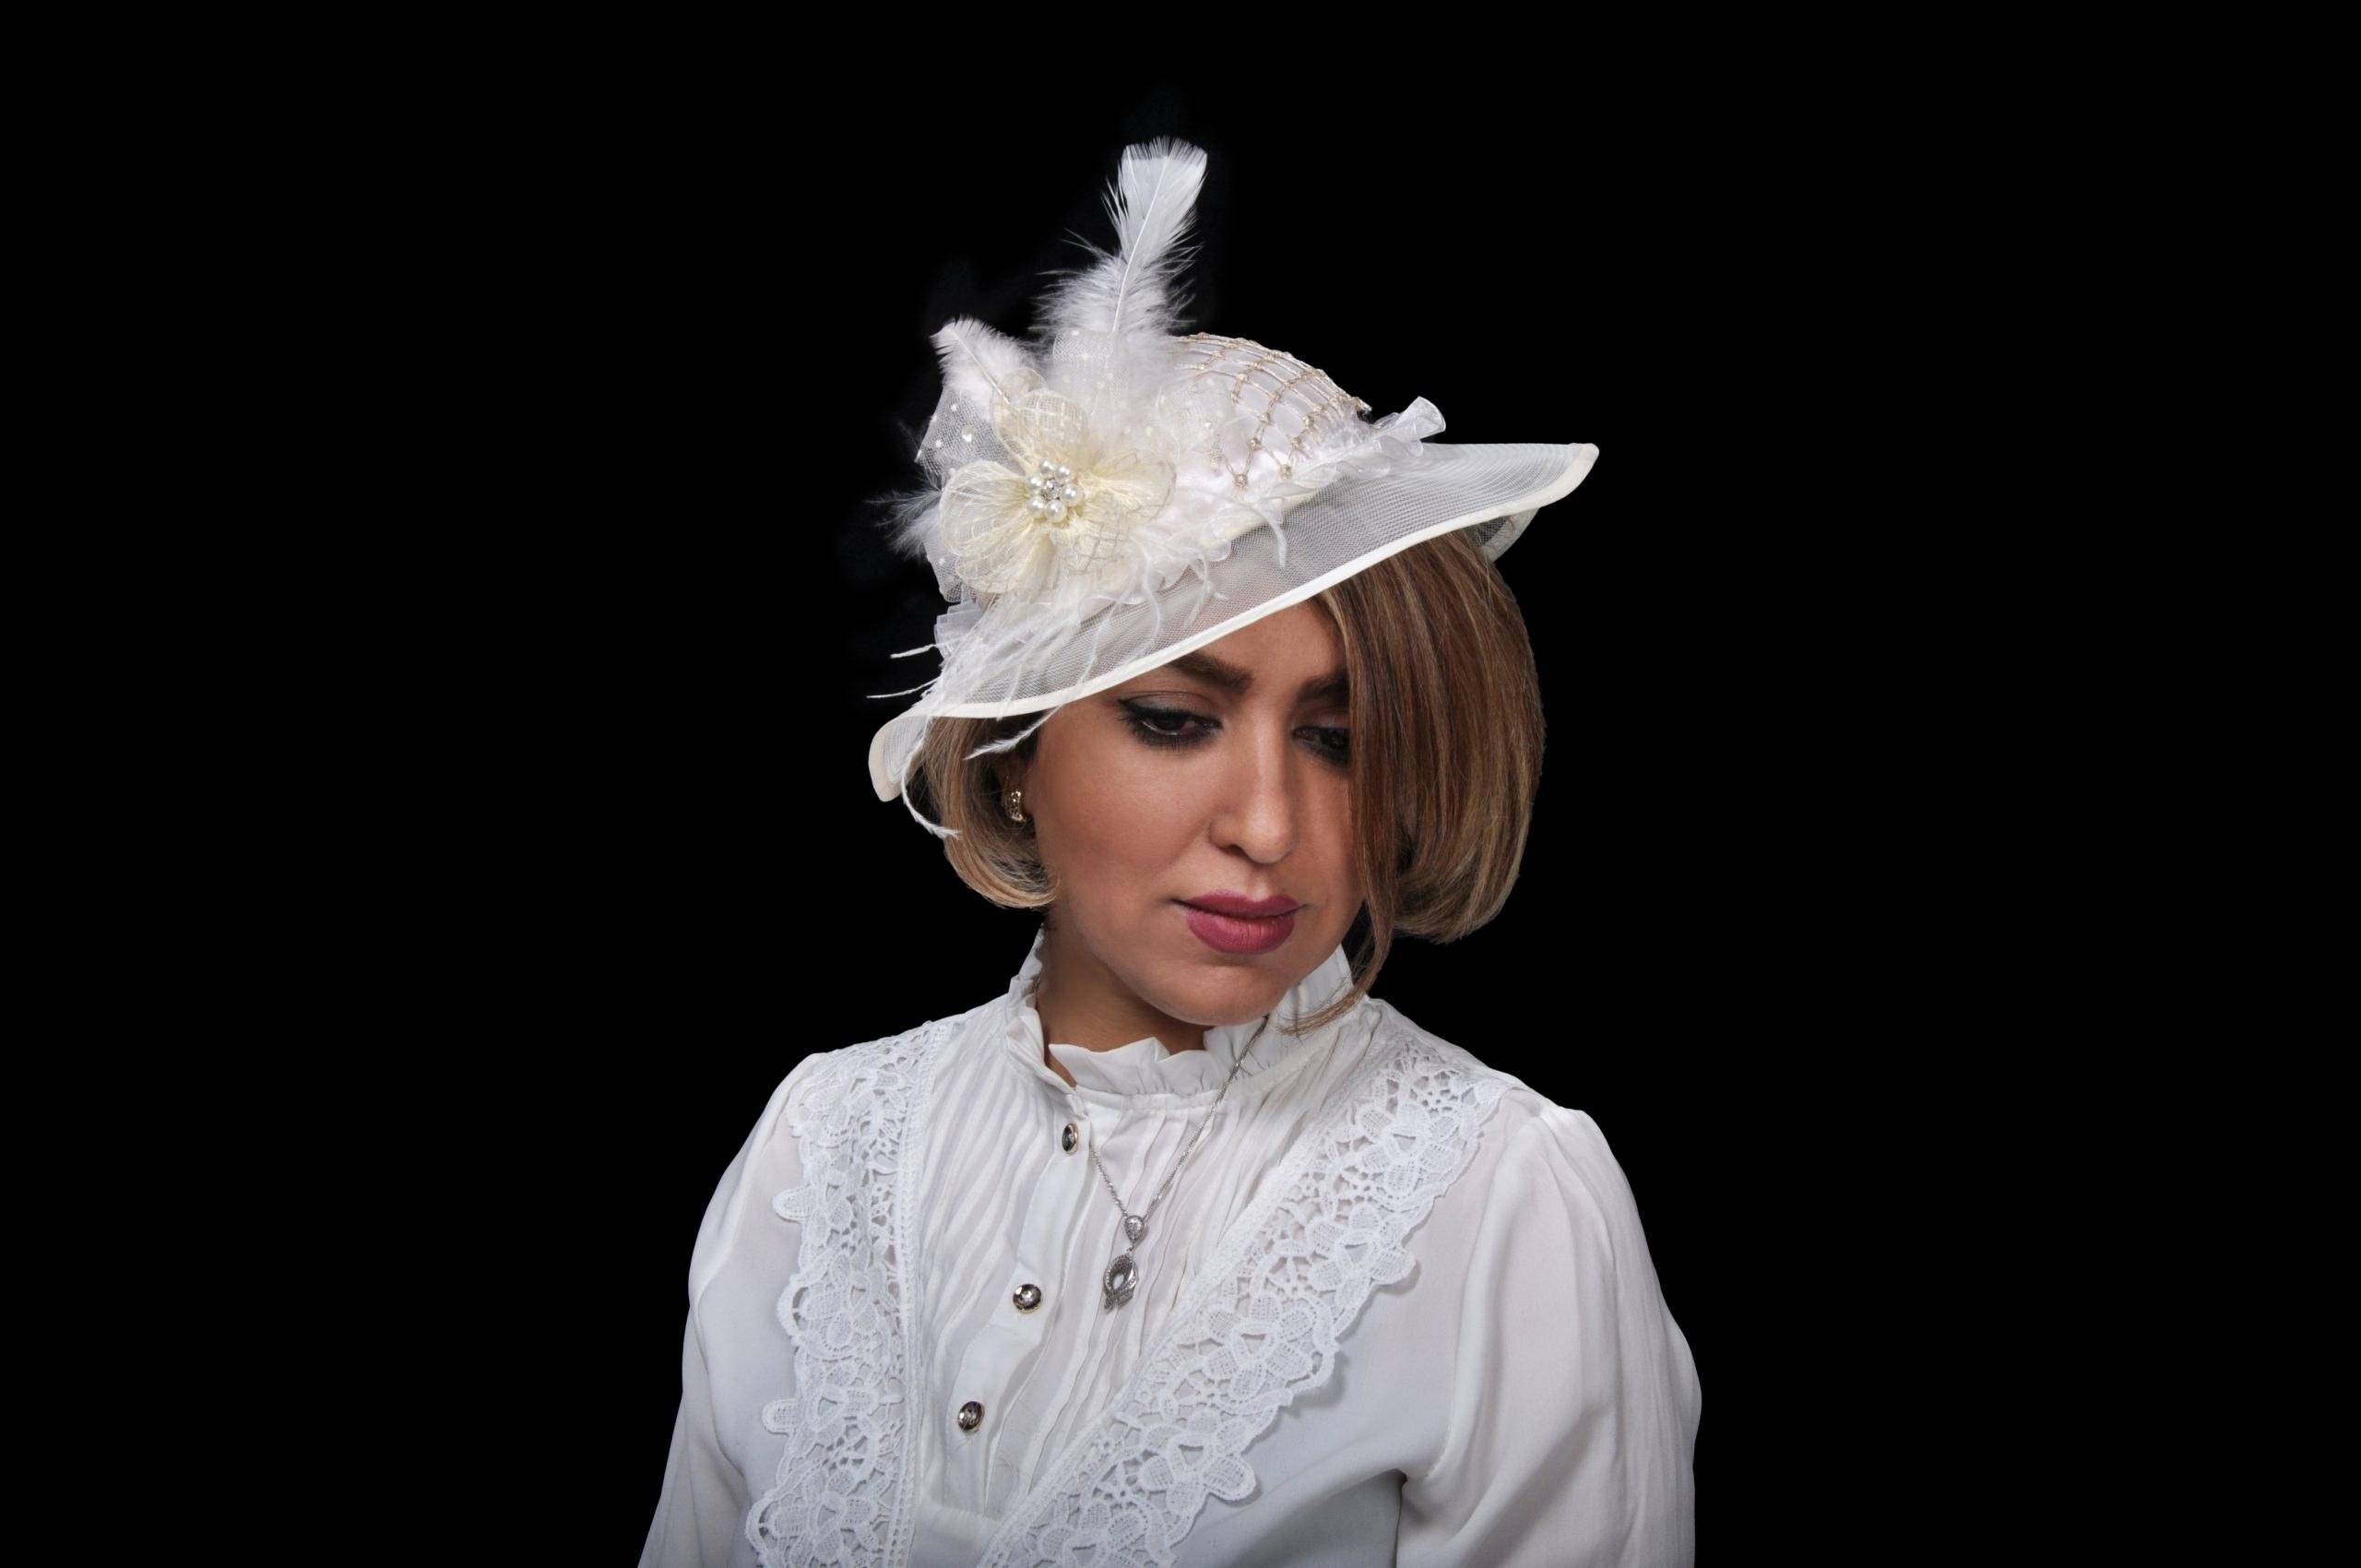 تصویر کلاه مجلسی مدل لیندا لبه تور